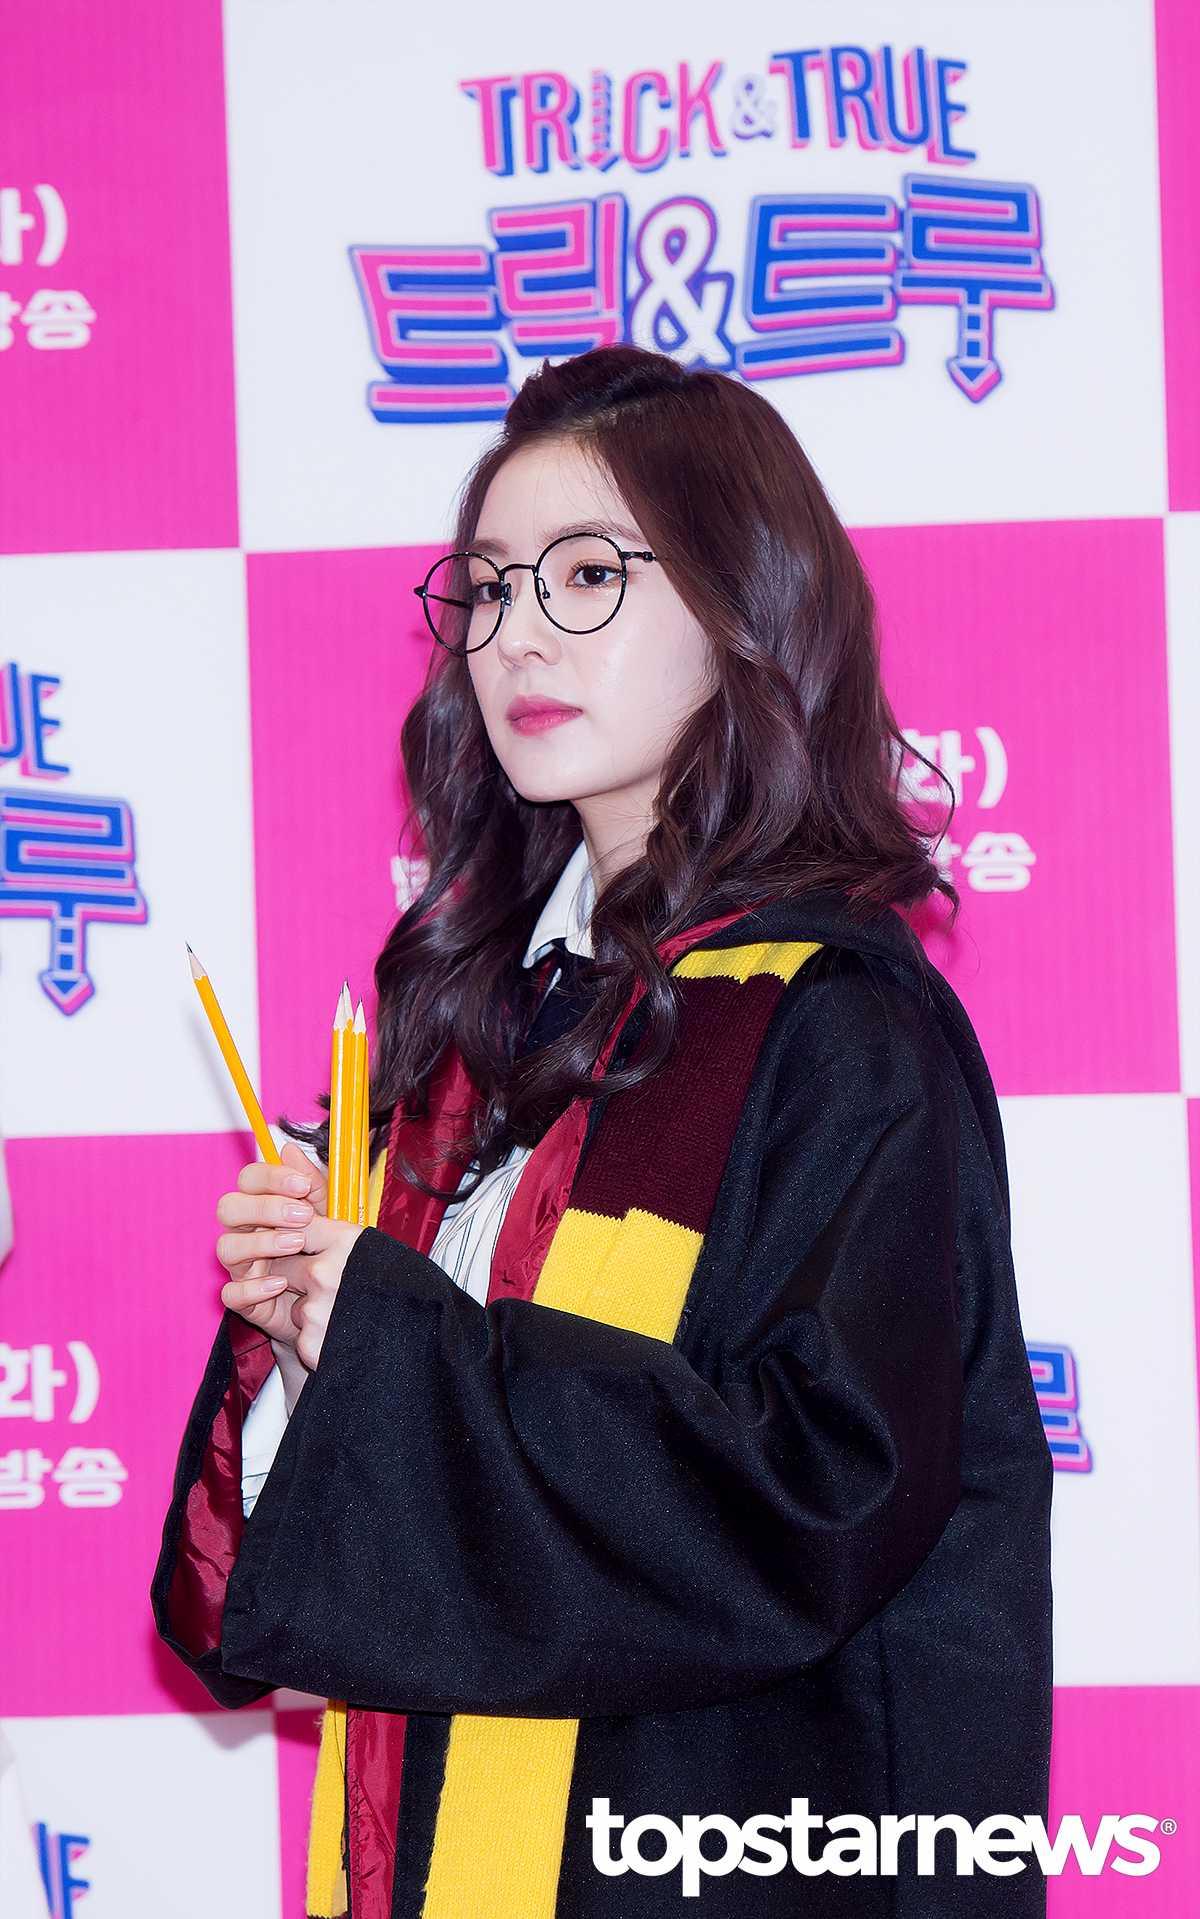 Irene在節目中展現出了自己非凡觀察力的一面, 甚至提出了很多超乎想象力的意見, 因此還獲得了「愛豆智囊 」的新稱號。